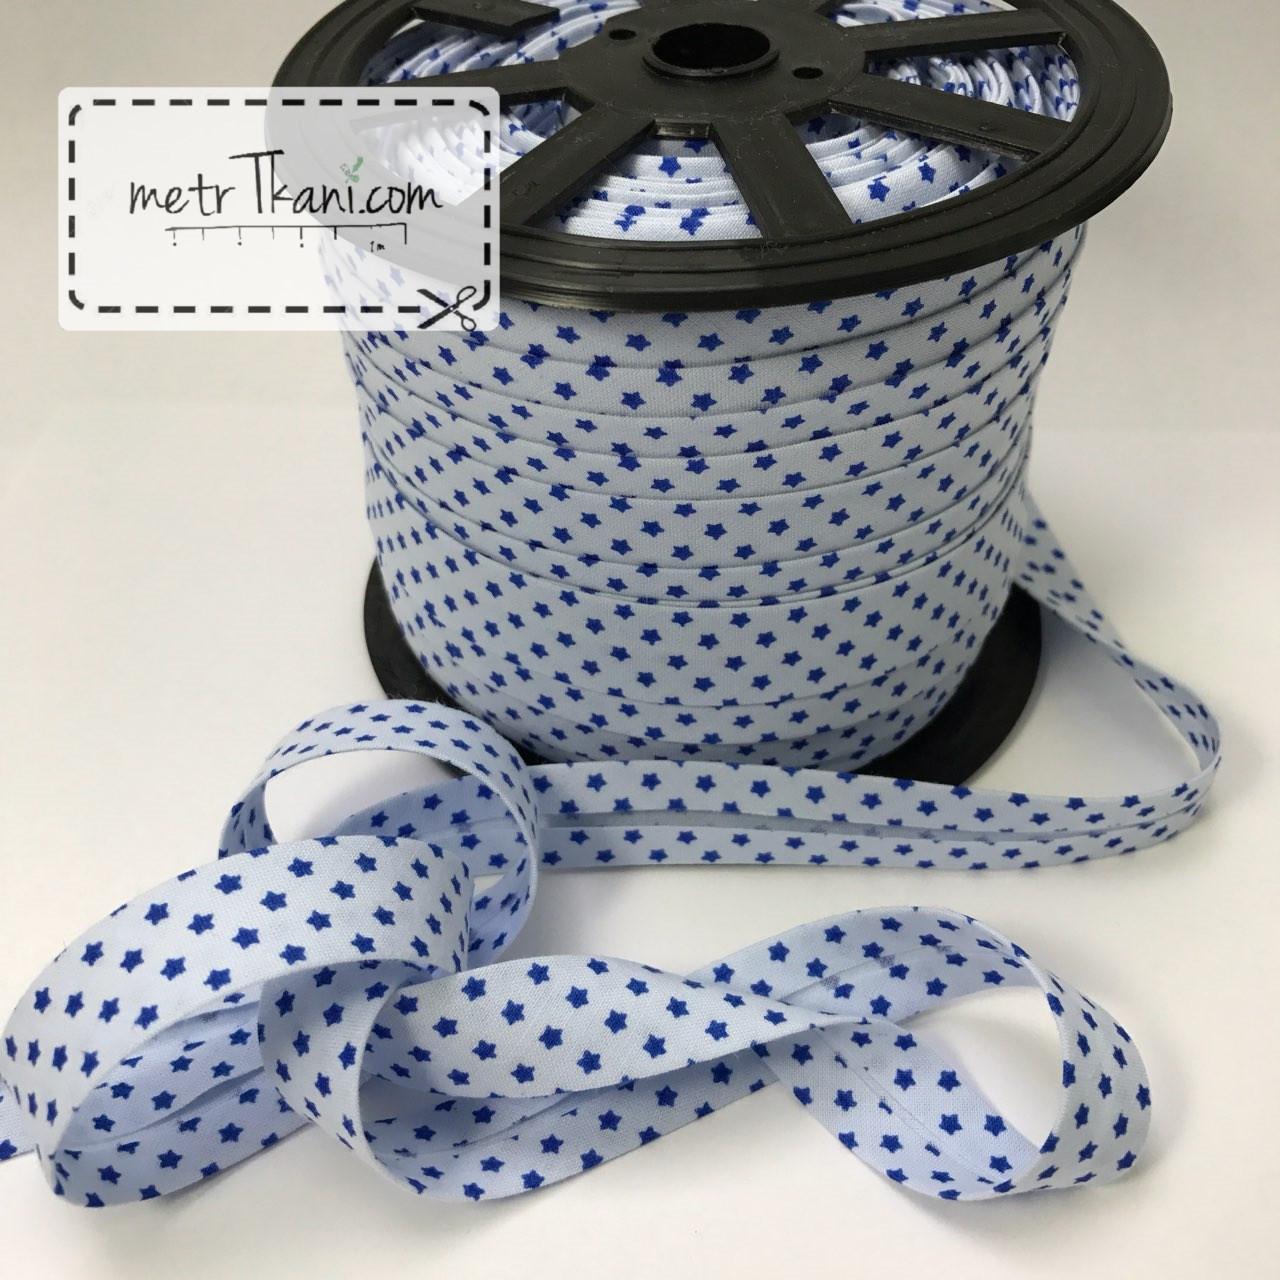 Косая бейка хлопковая голубого цвета с синими звездами  № КБ-176